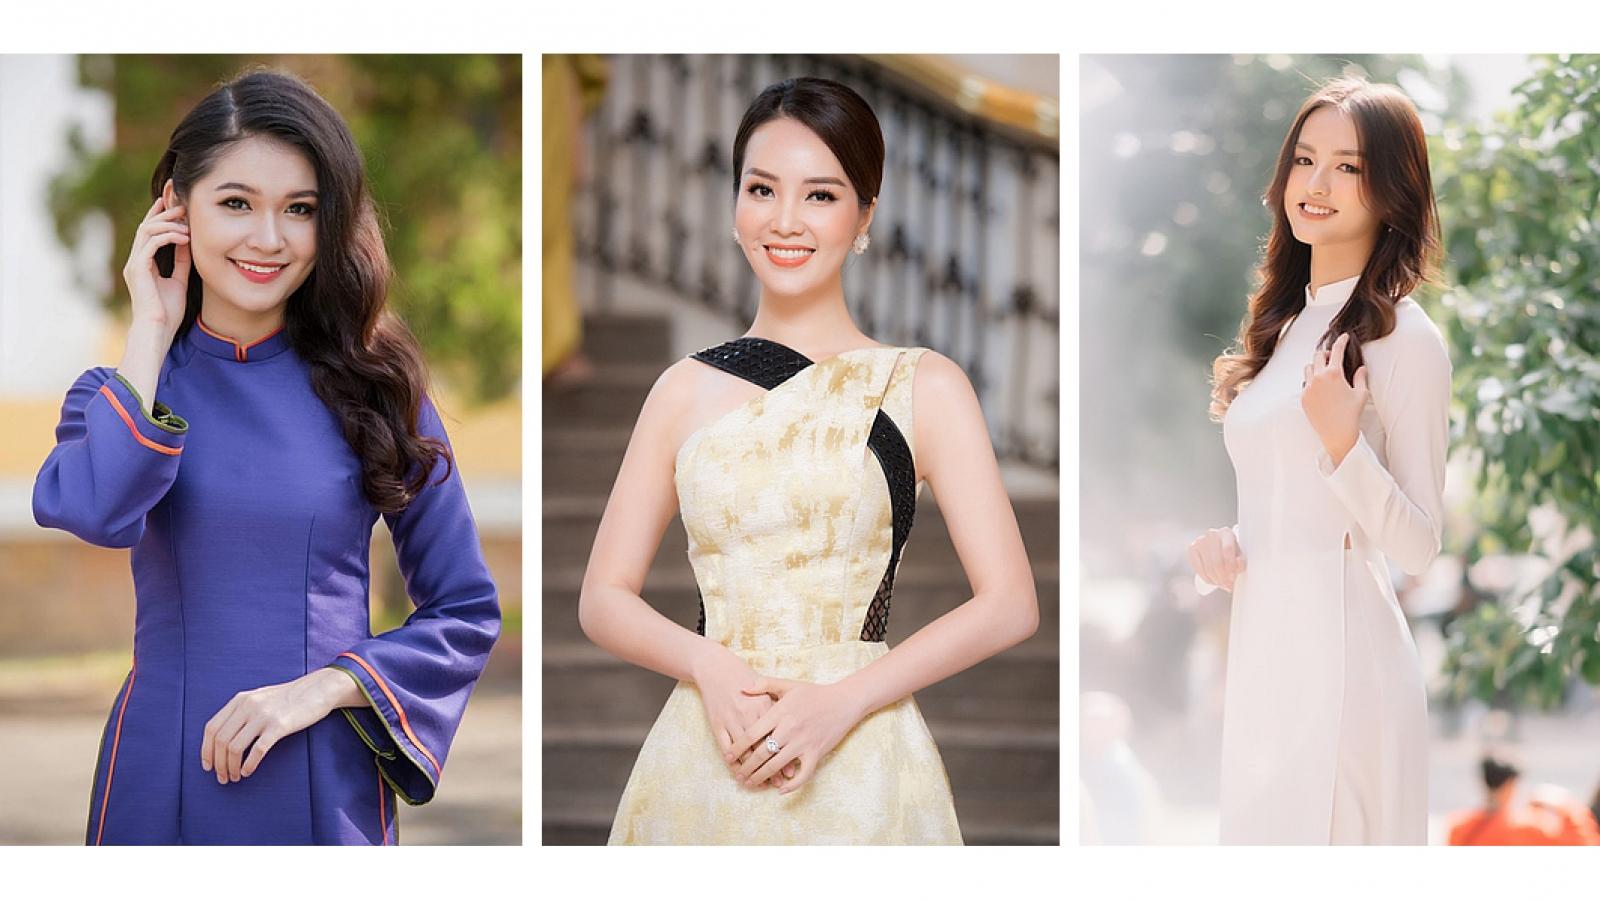 3 hoa khôi đình đám của Đại học Ngoại thương từng ghi dấu ấn tại Hoa hậu Việt Nam